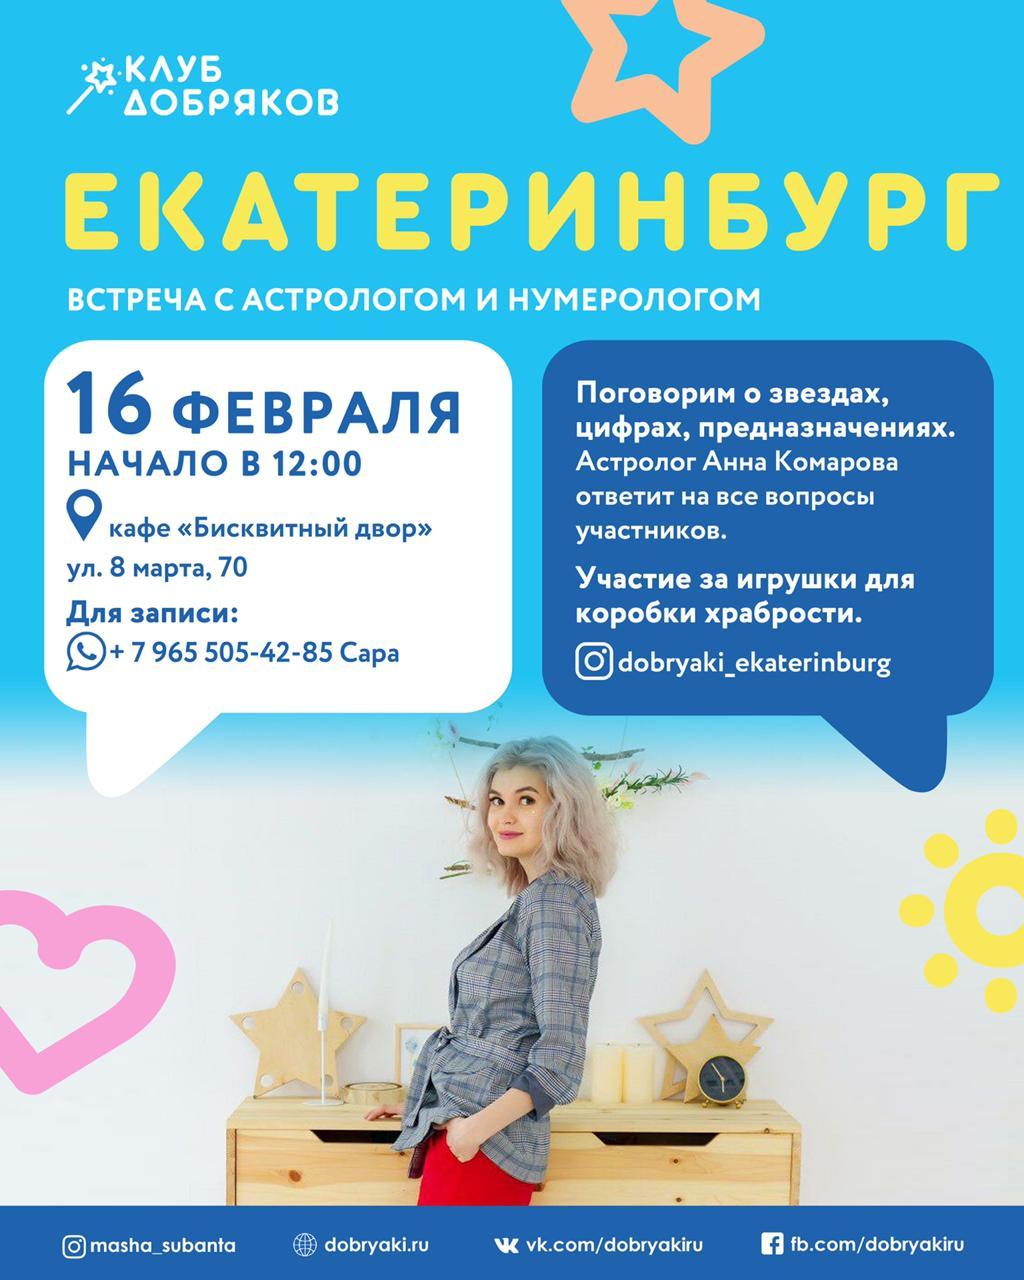 Добряки Екатеринбурга организуют встречу с астрологом